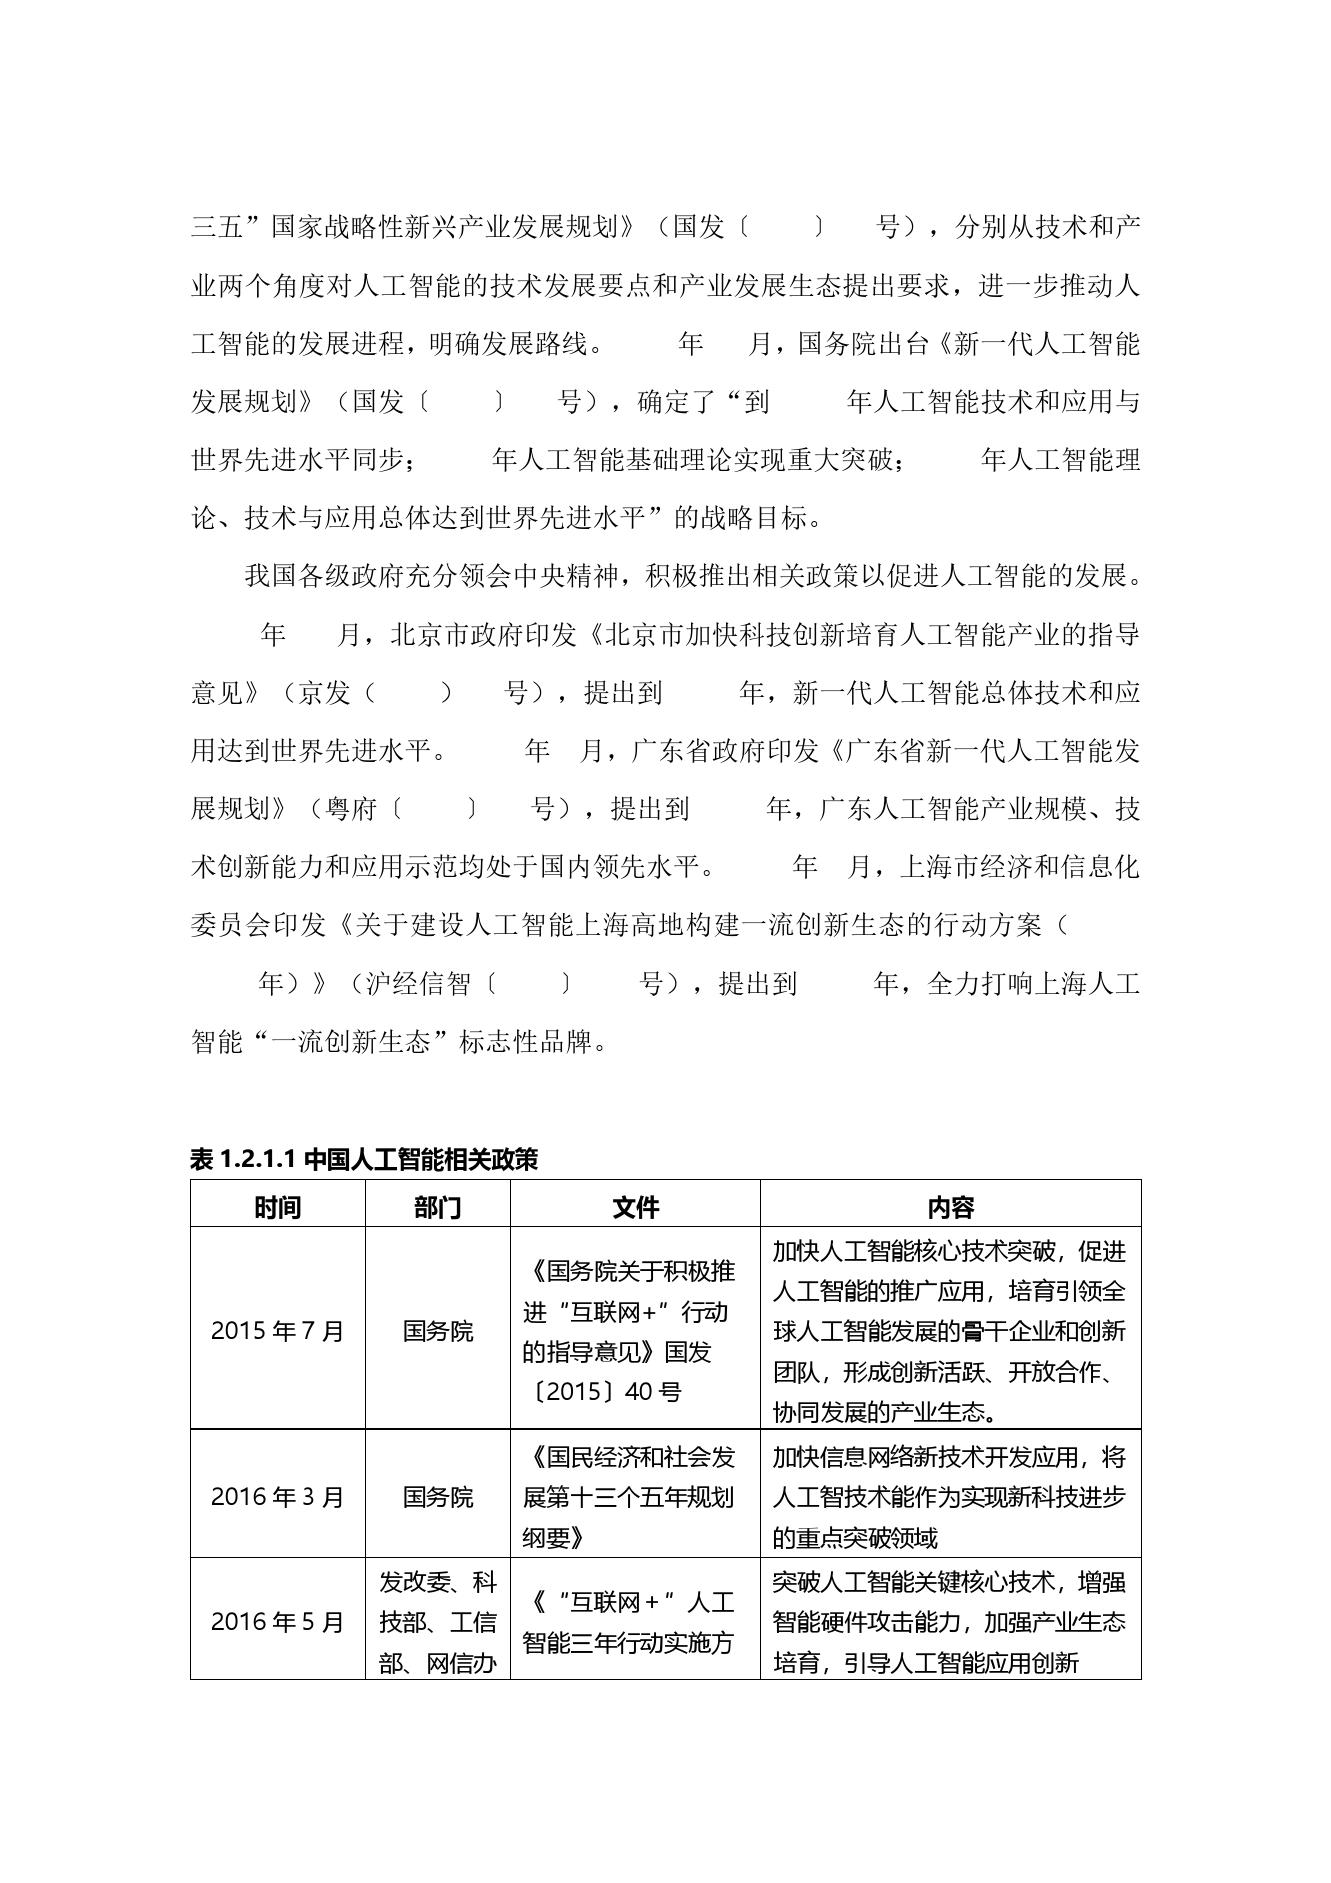 36氪研究院:2020年中国城市人工智能发展指数报告(可下载报告)插图(11)